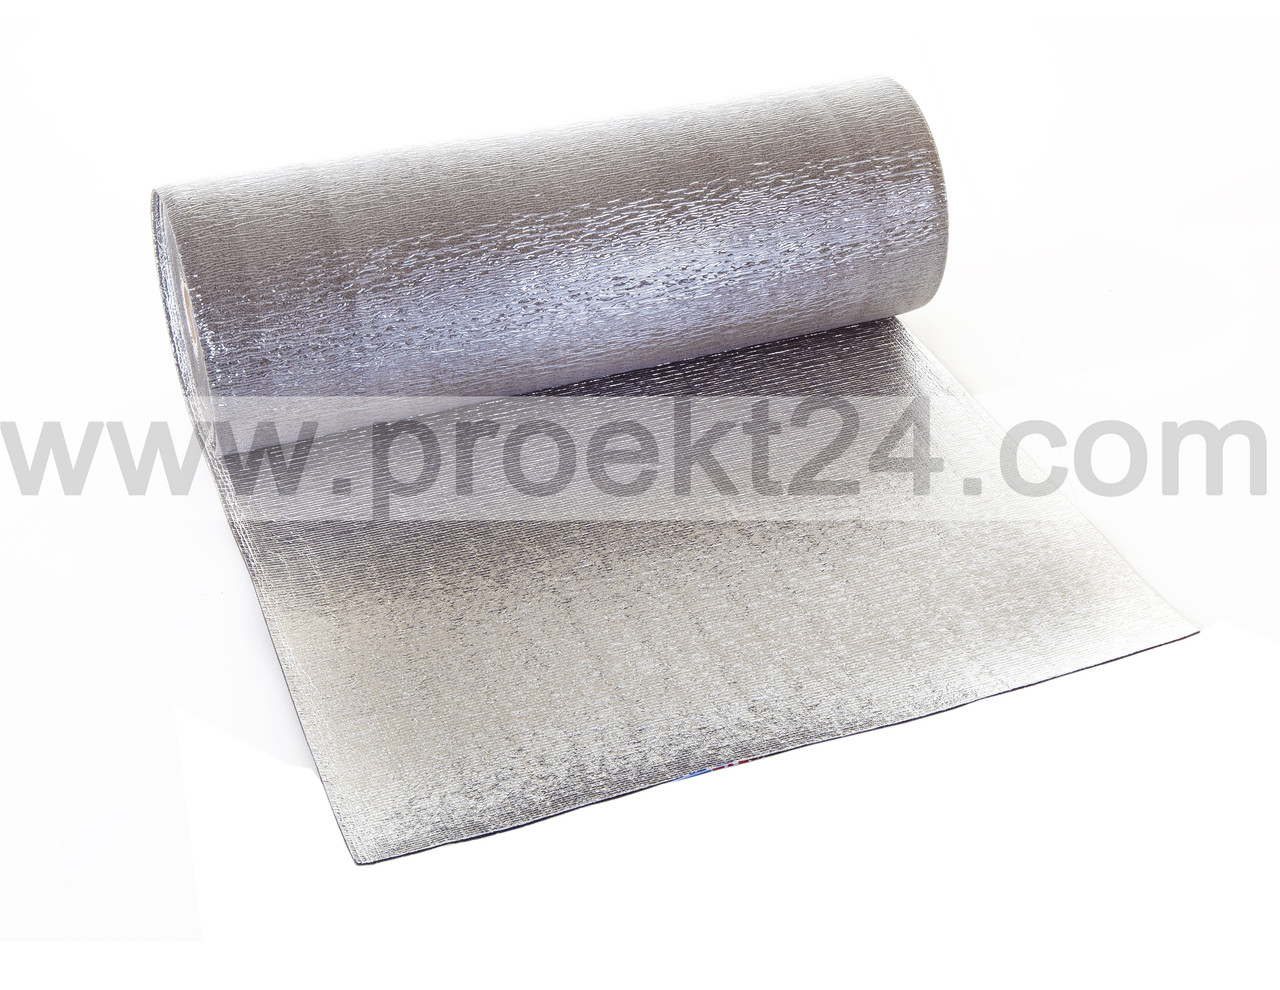 Вспененный полиэтилен фольгированный с двух сторон 8мм